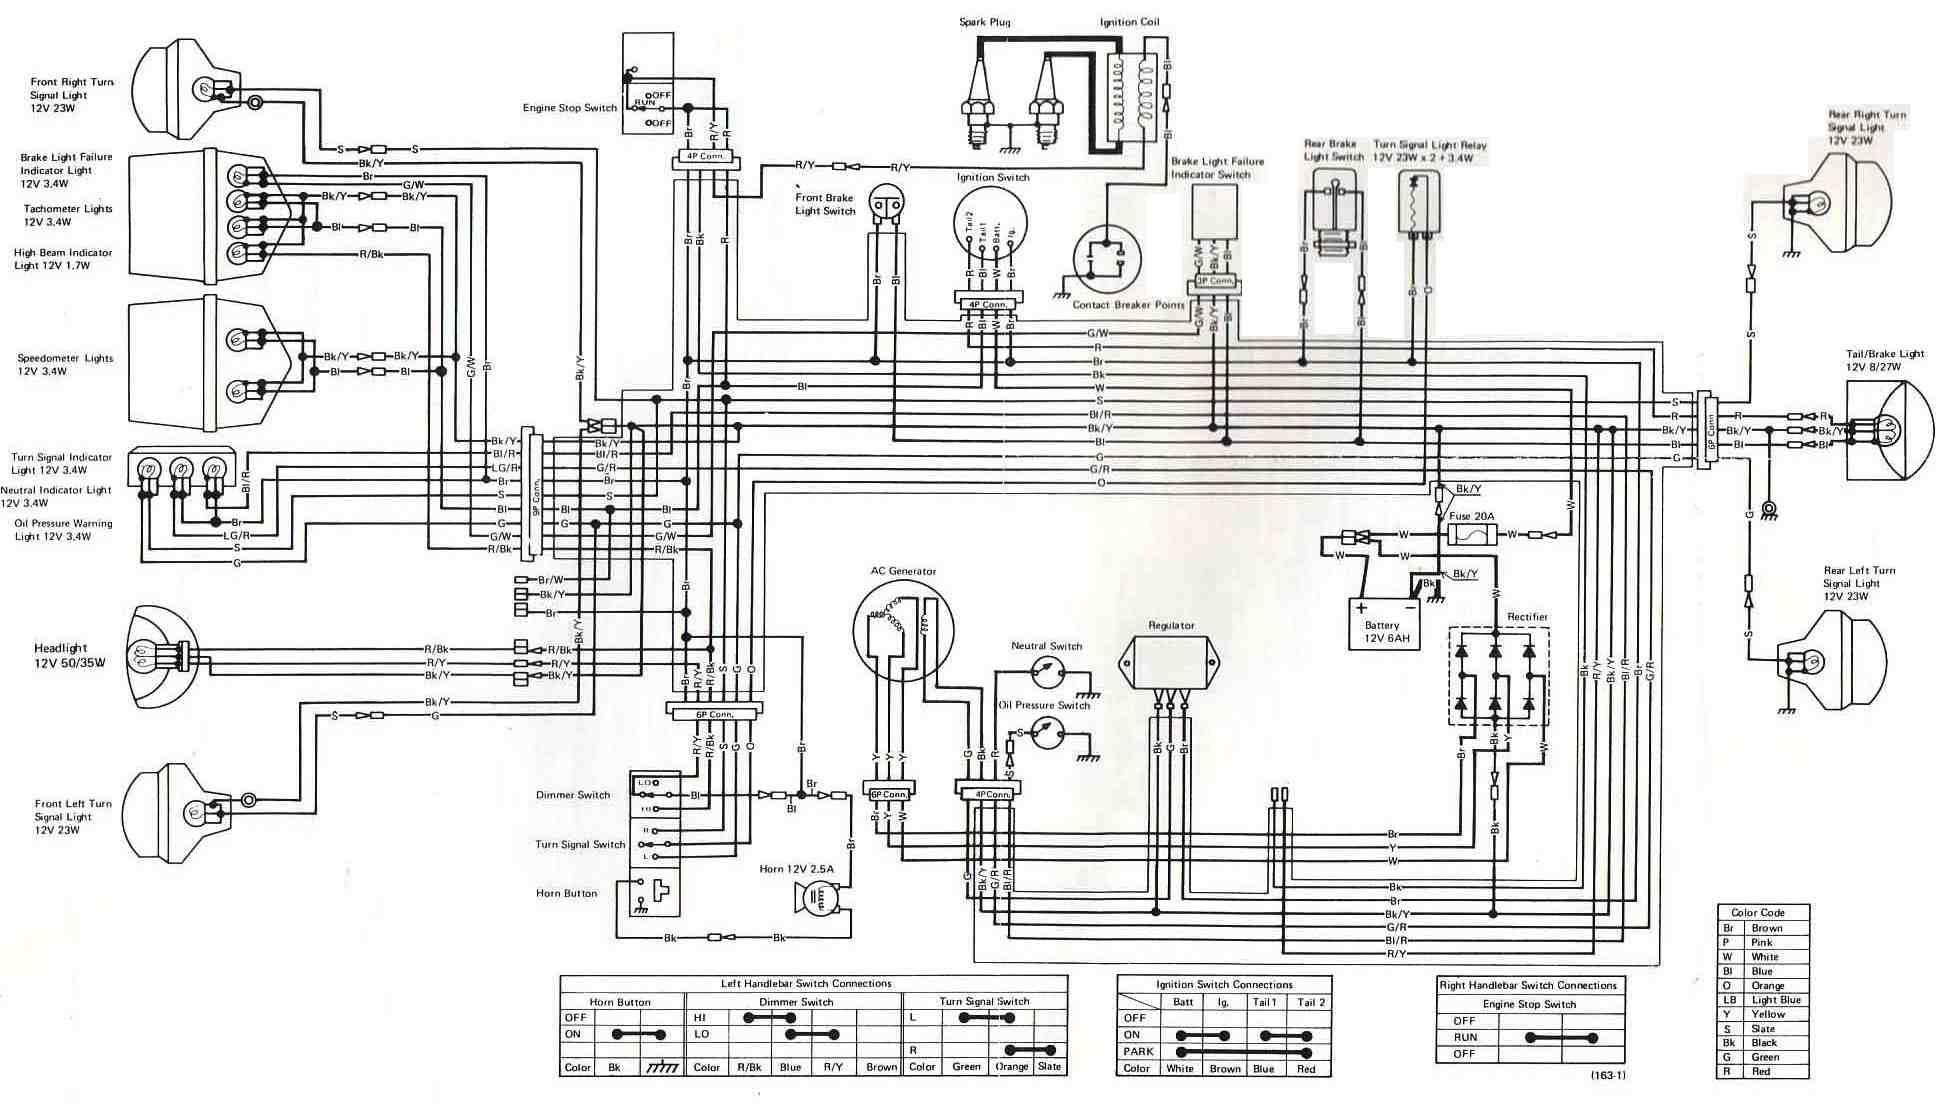 Ex 500 Wiring | Wiring Diagram - Pocket Bike Wiring Diagram